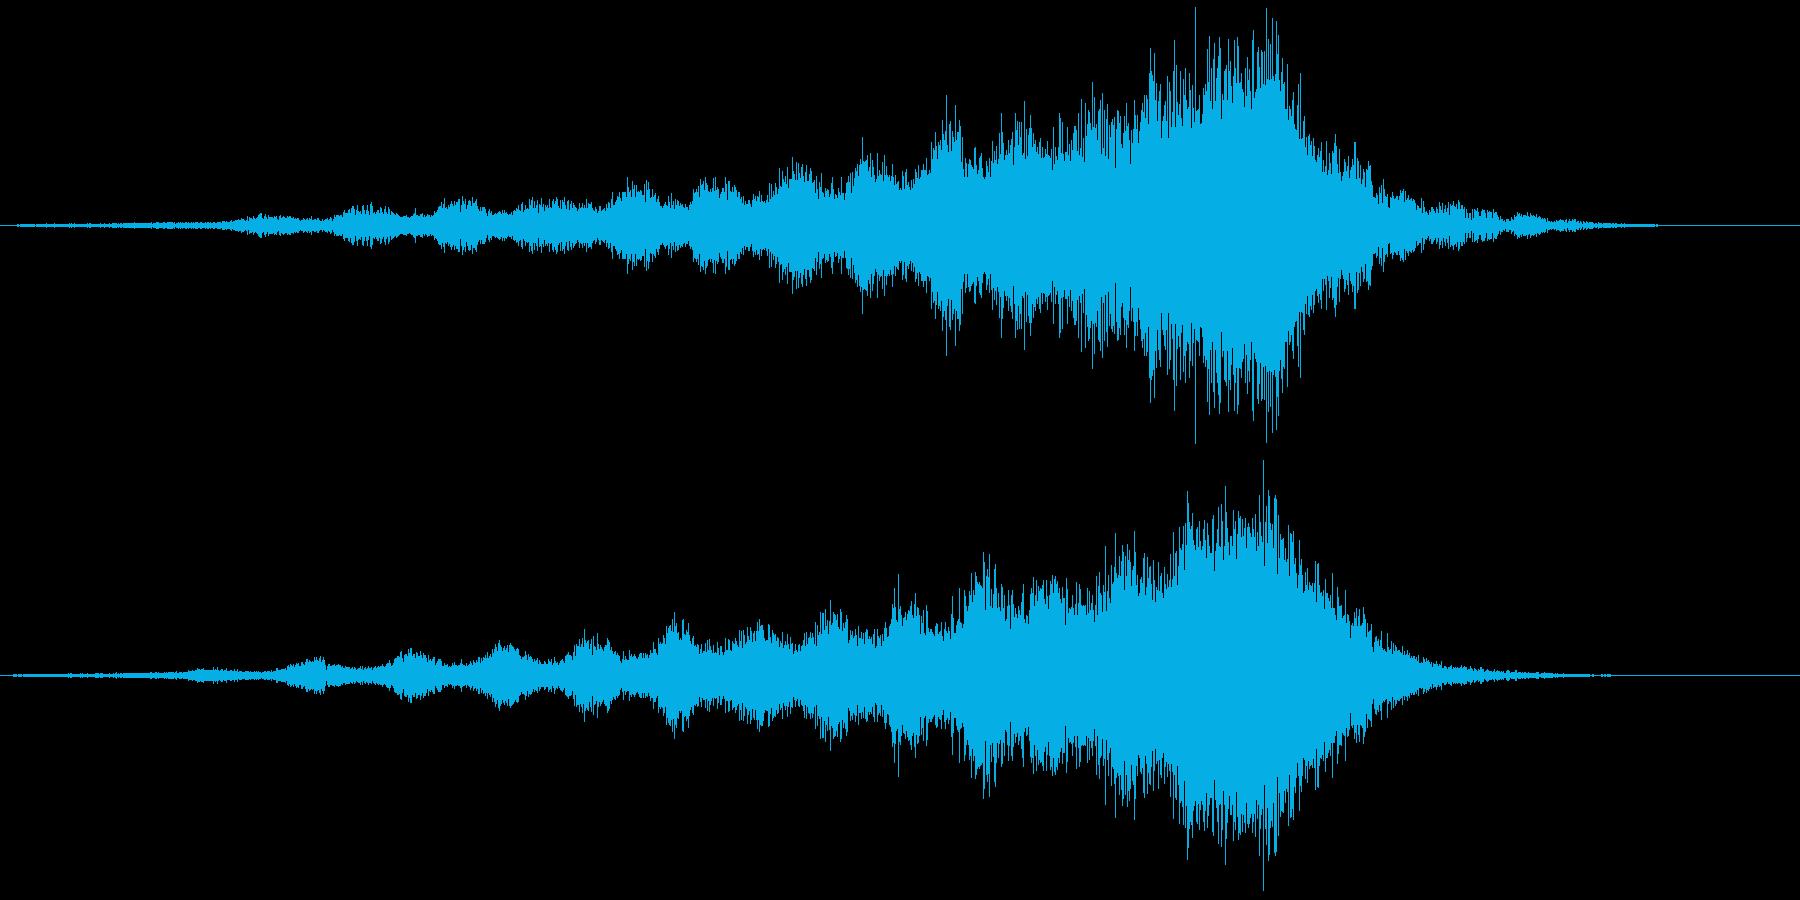 【ライザー】36 SFサウンド 迫力の再生済みの波形